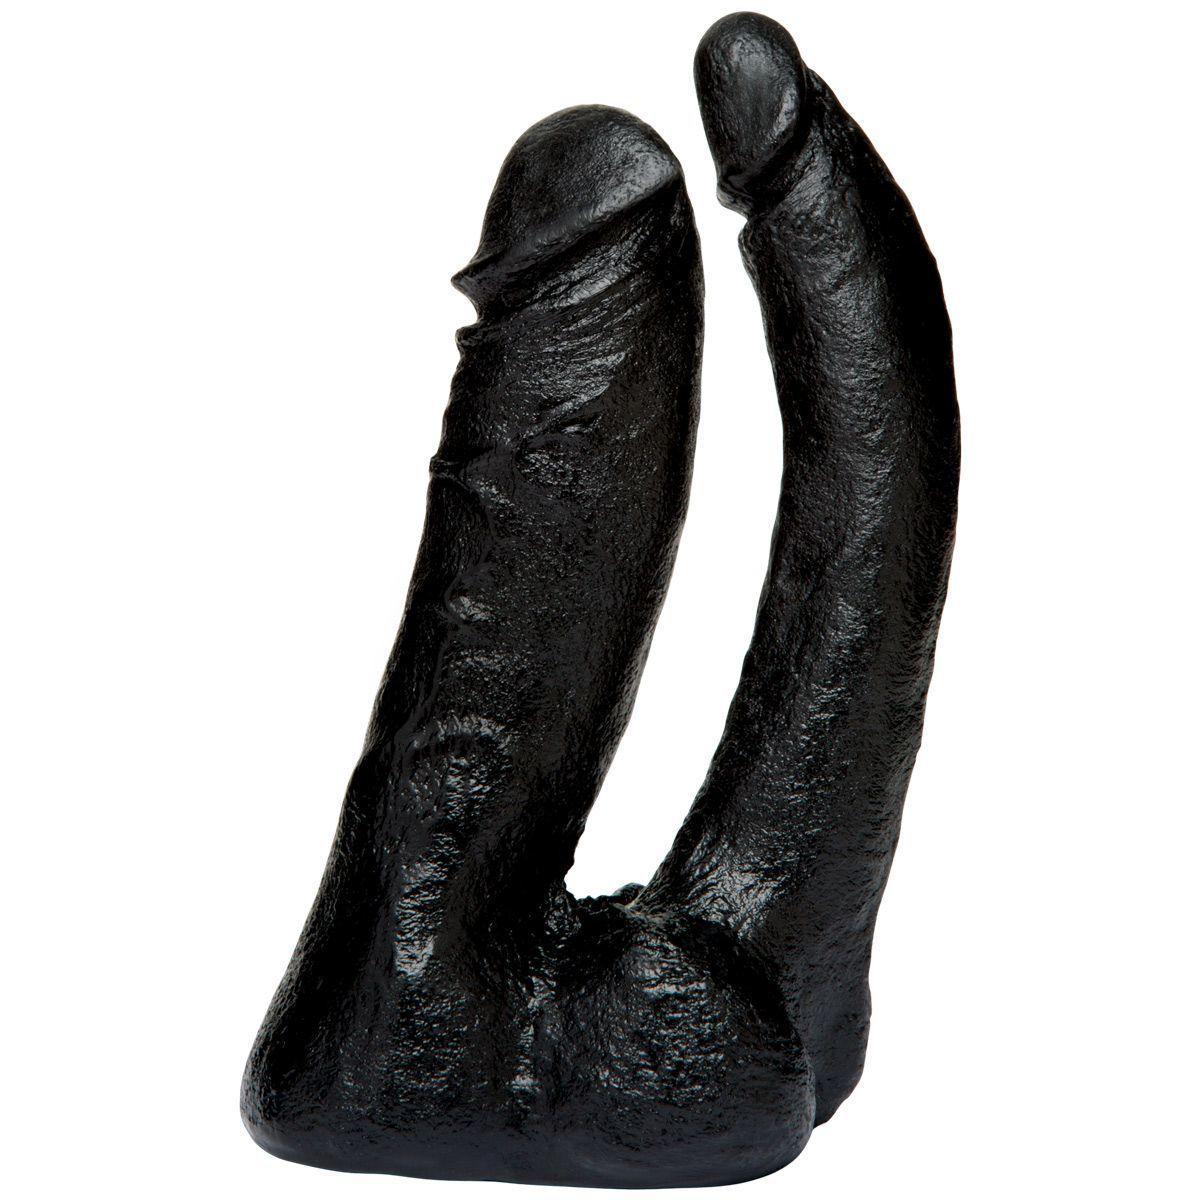 Трусики и насадки: Черная насадка-фаллоимитатор для двойной стимуляции Double Penetrator - 16 см.